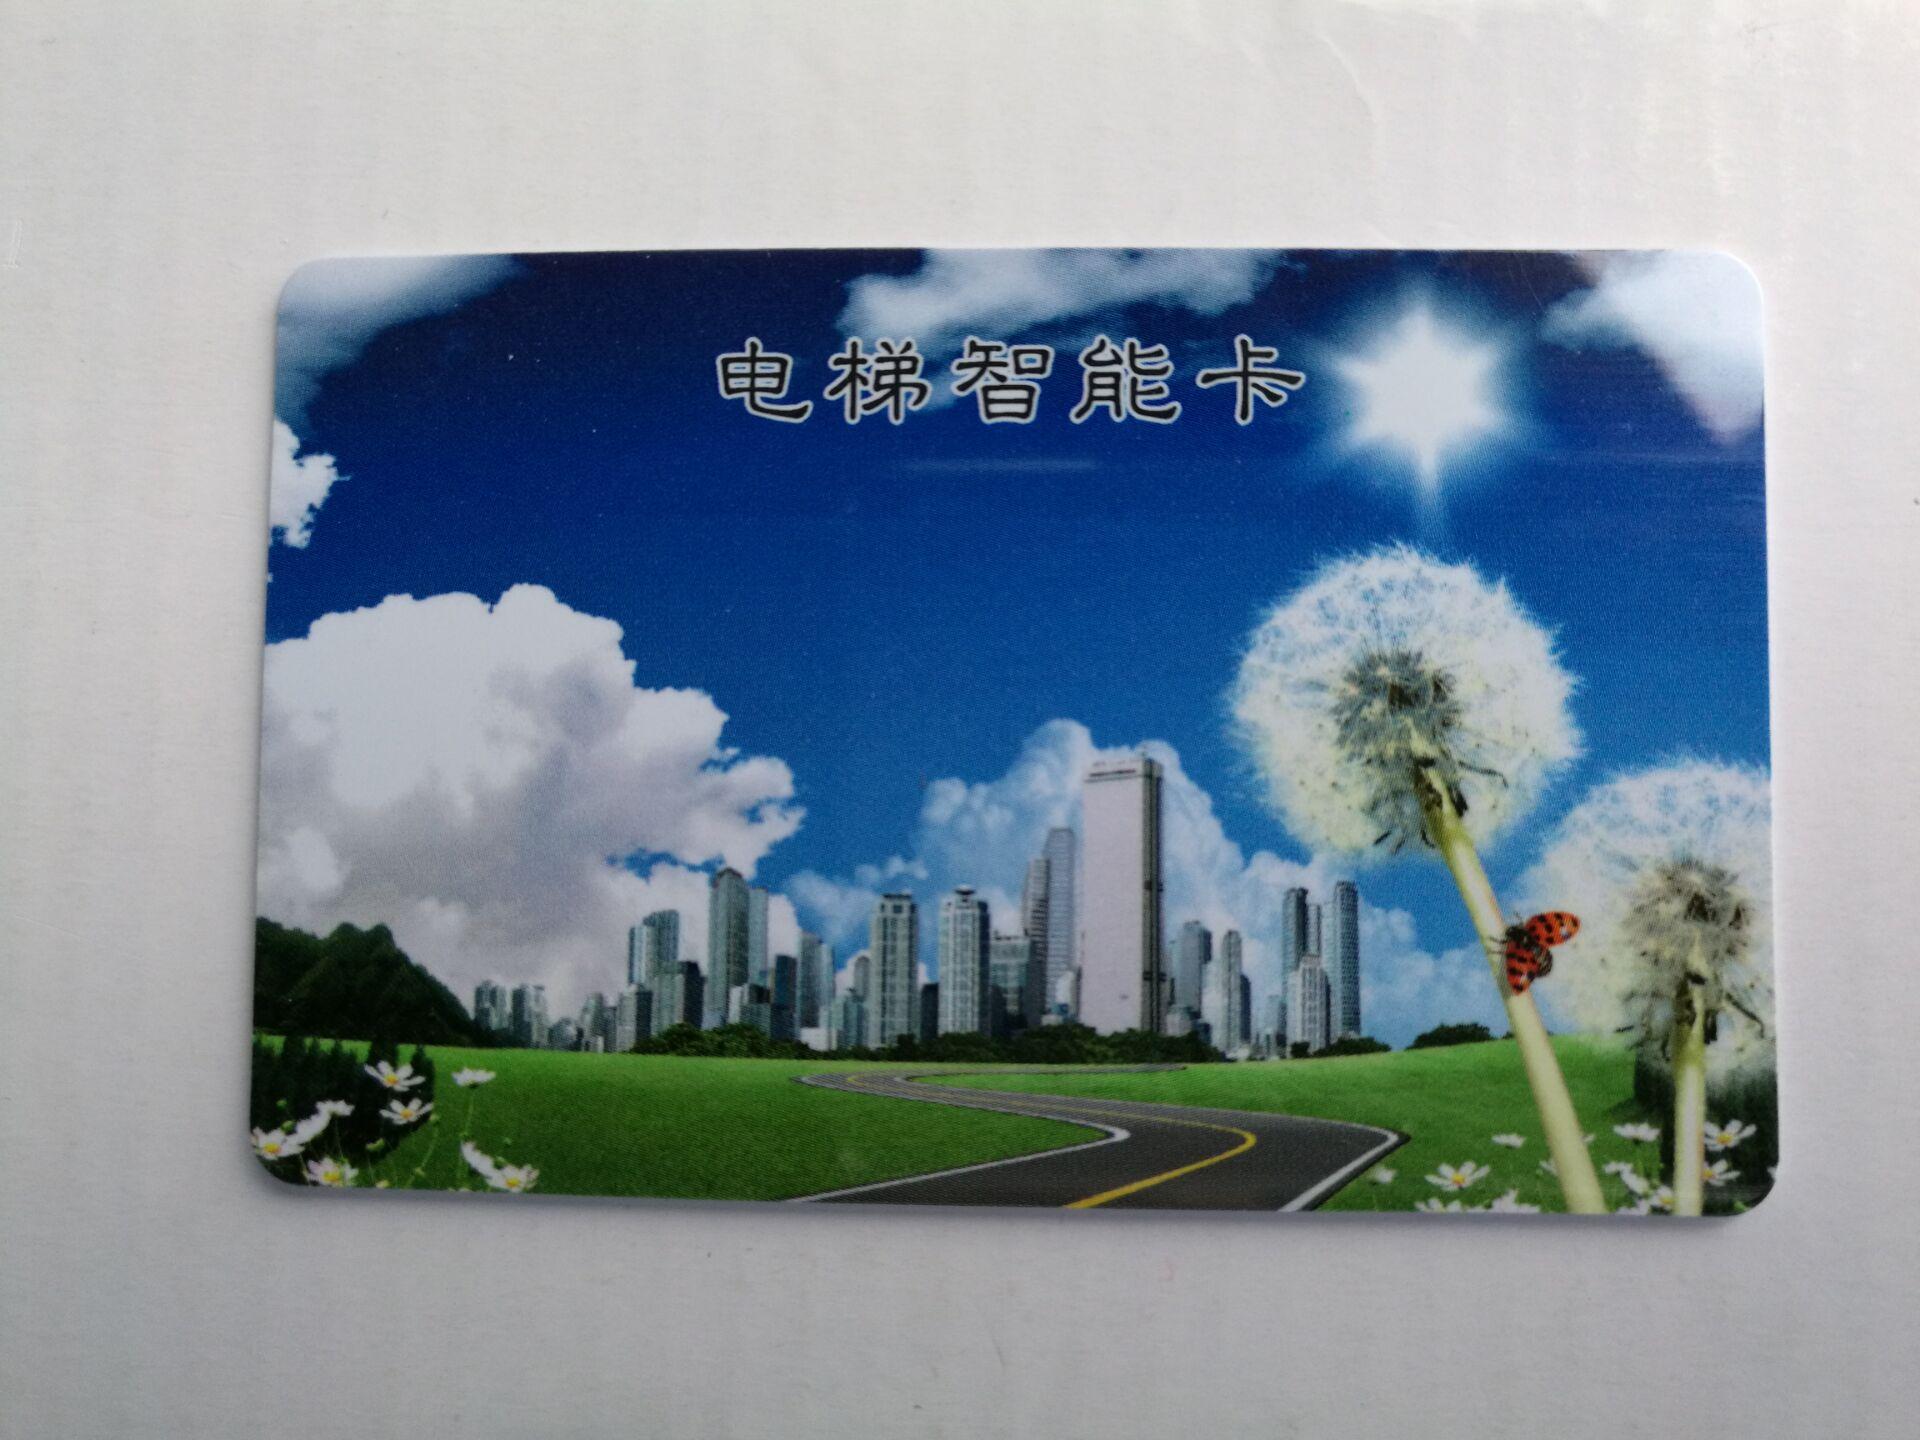 印刷卡片型IC卡